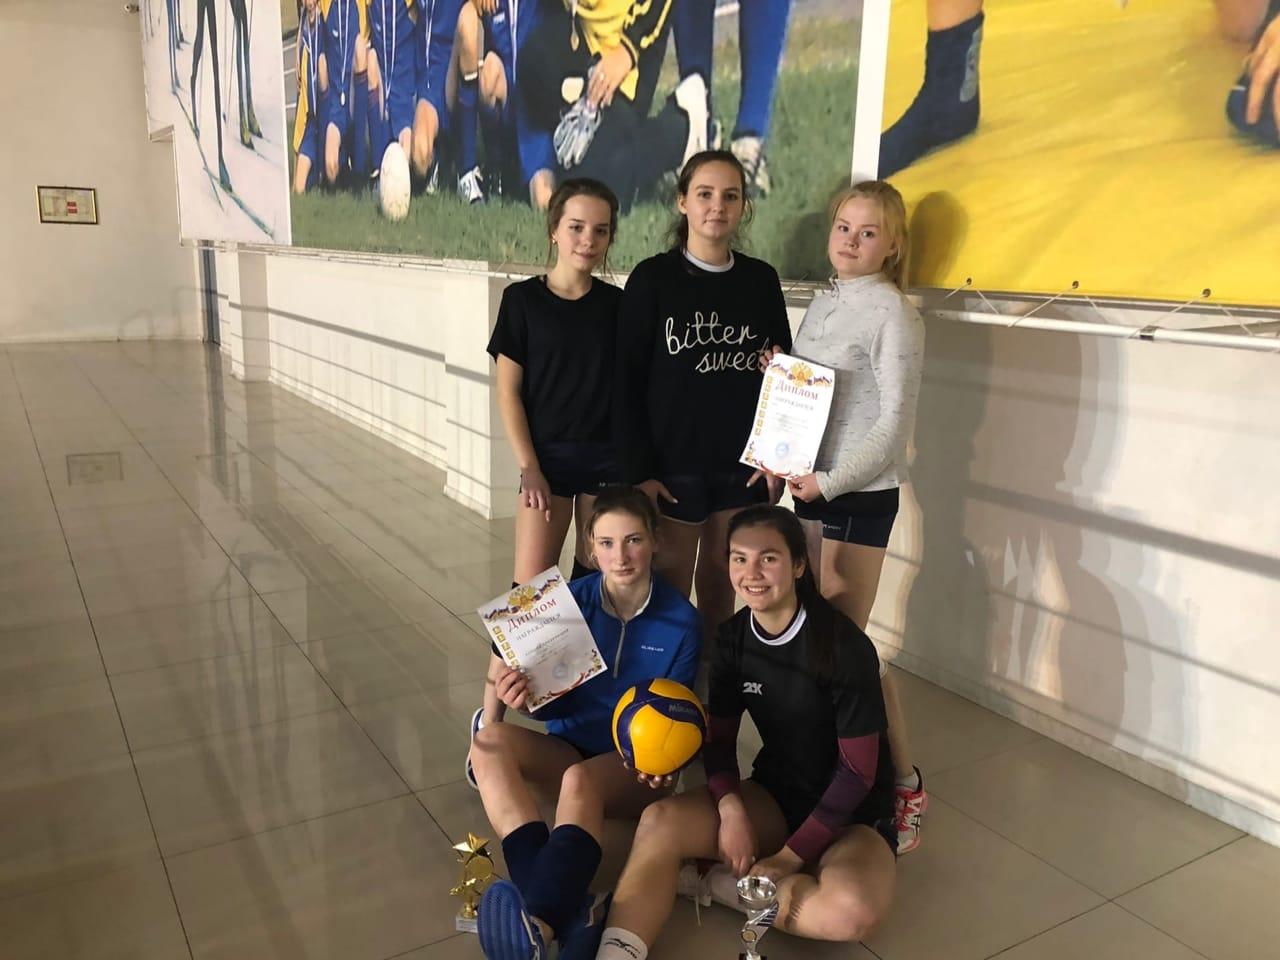 10 января на базе МУ «СЦ им. А. Гринина» состоялся «Рождественский турнир по волейболу среди смешанных команд».